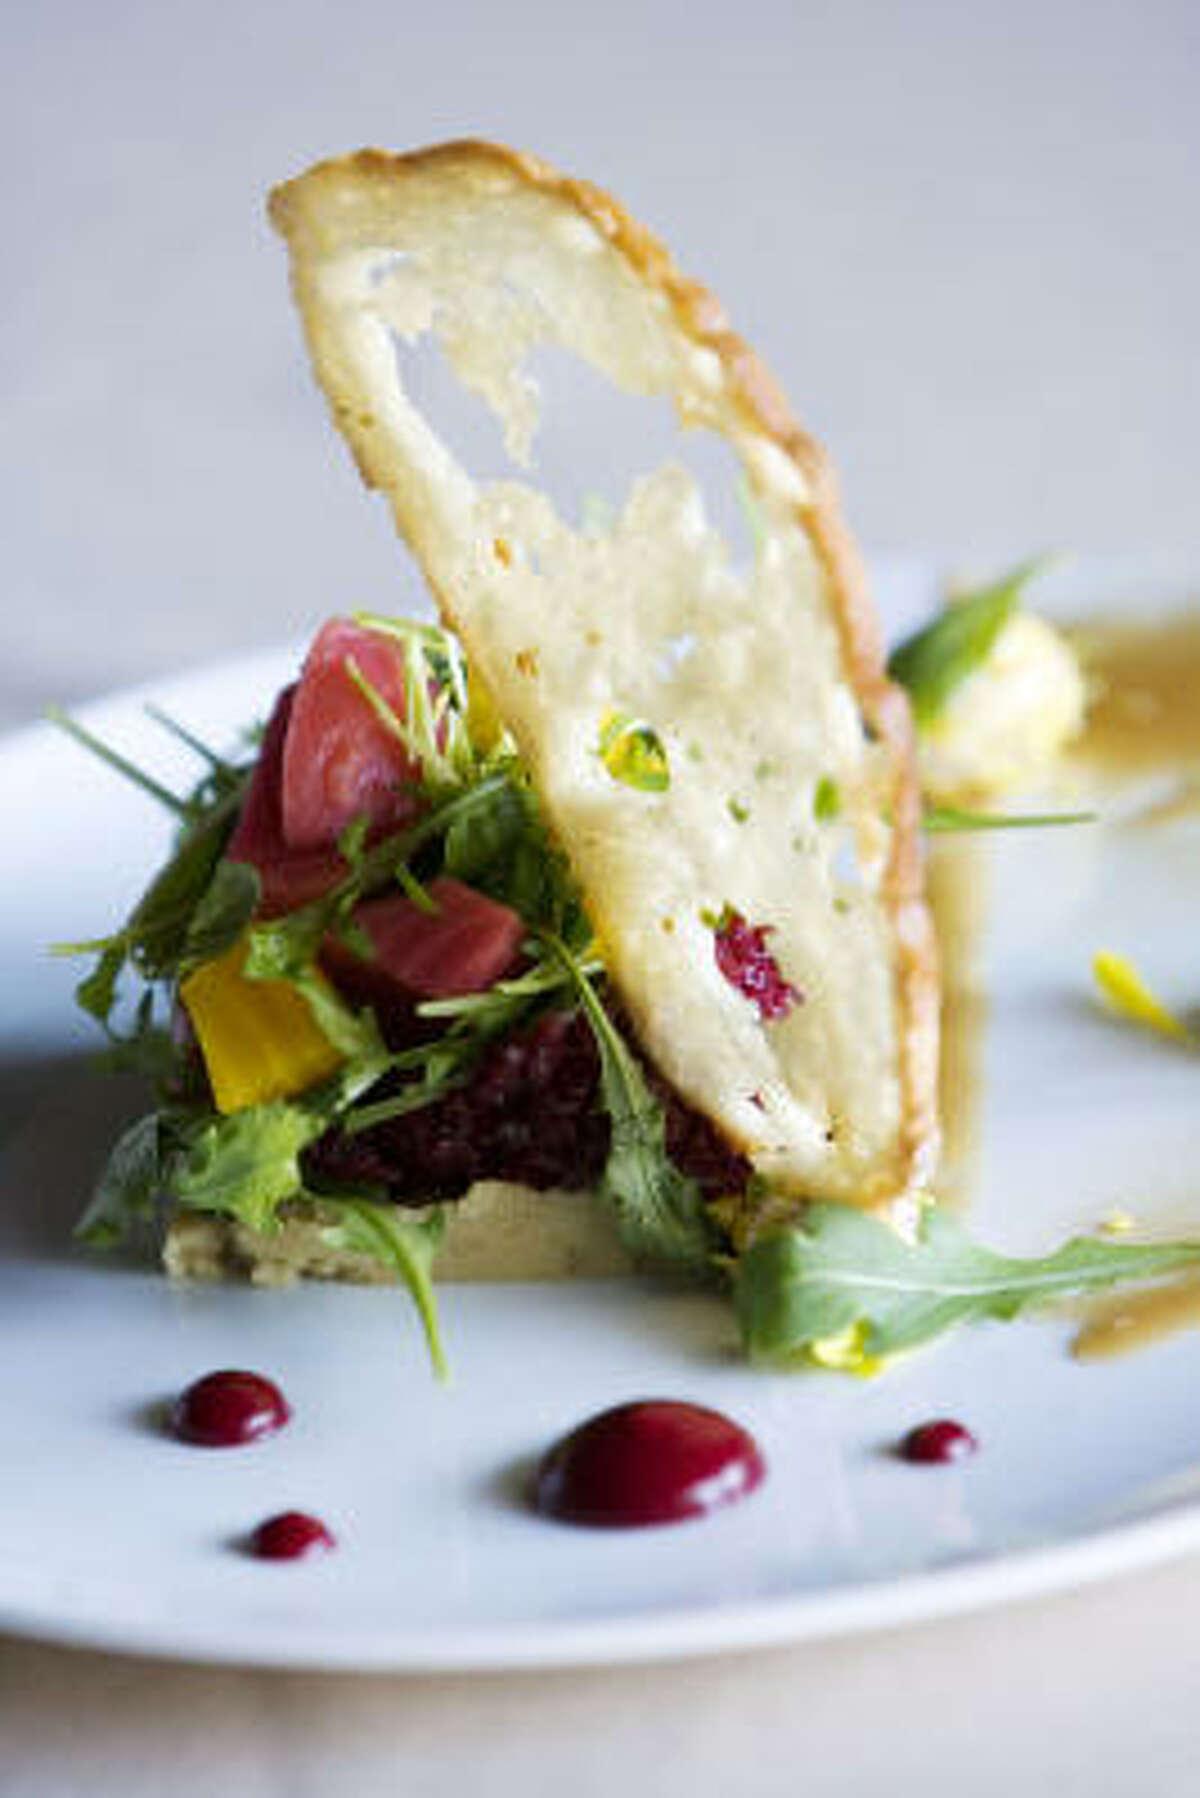 Rainbow Lodge's simple, elegant beet salad.